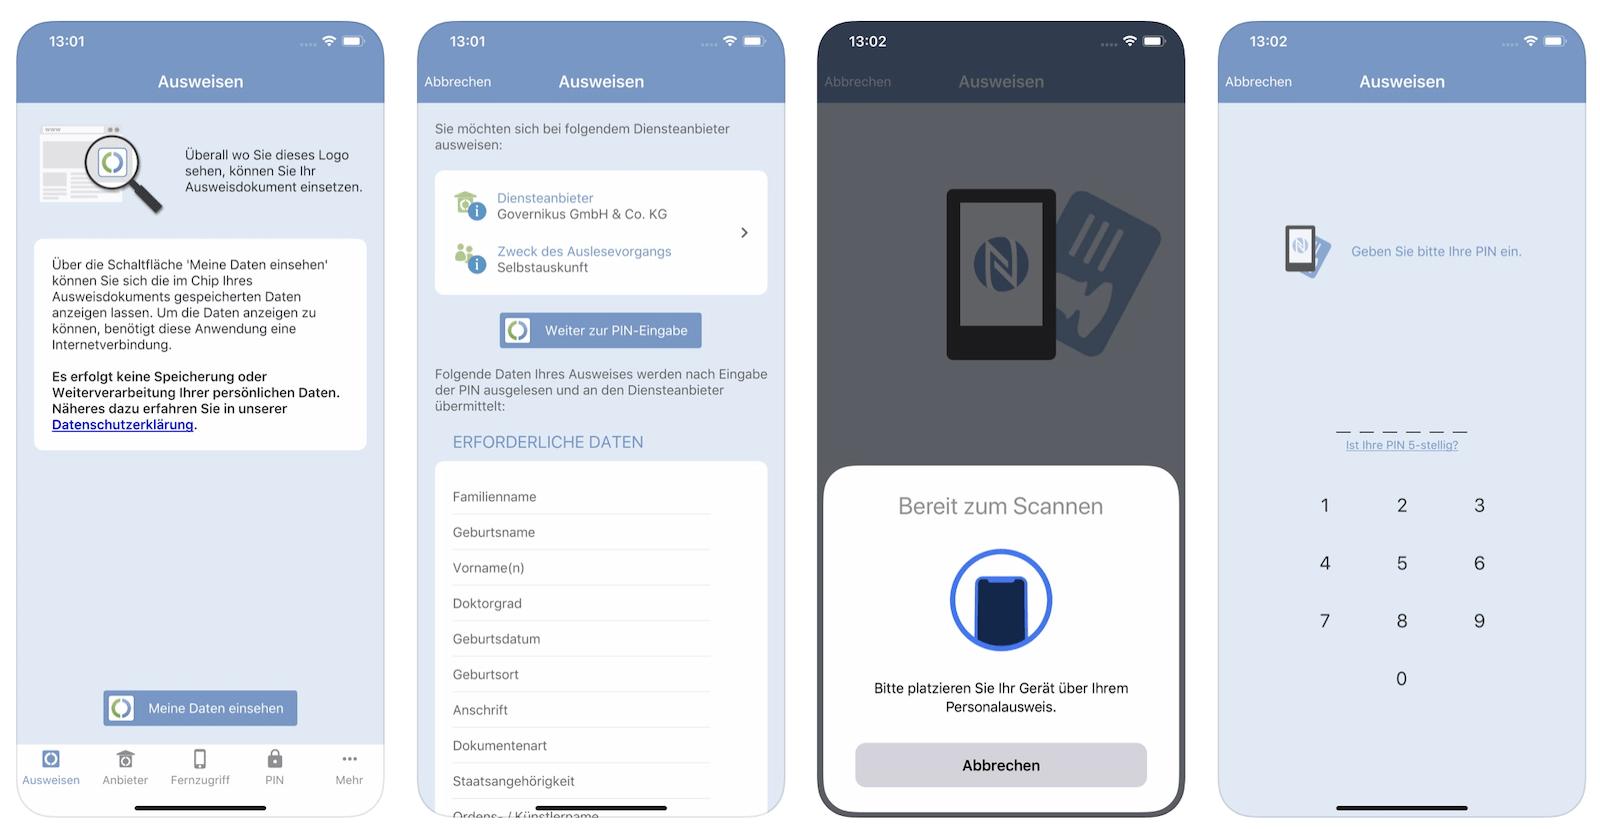 Ausweisapp2 Für Iphone